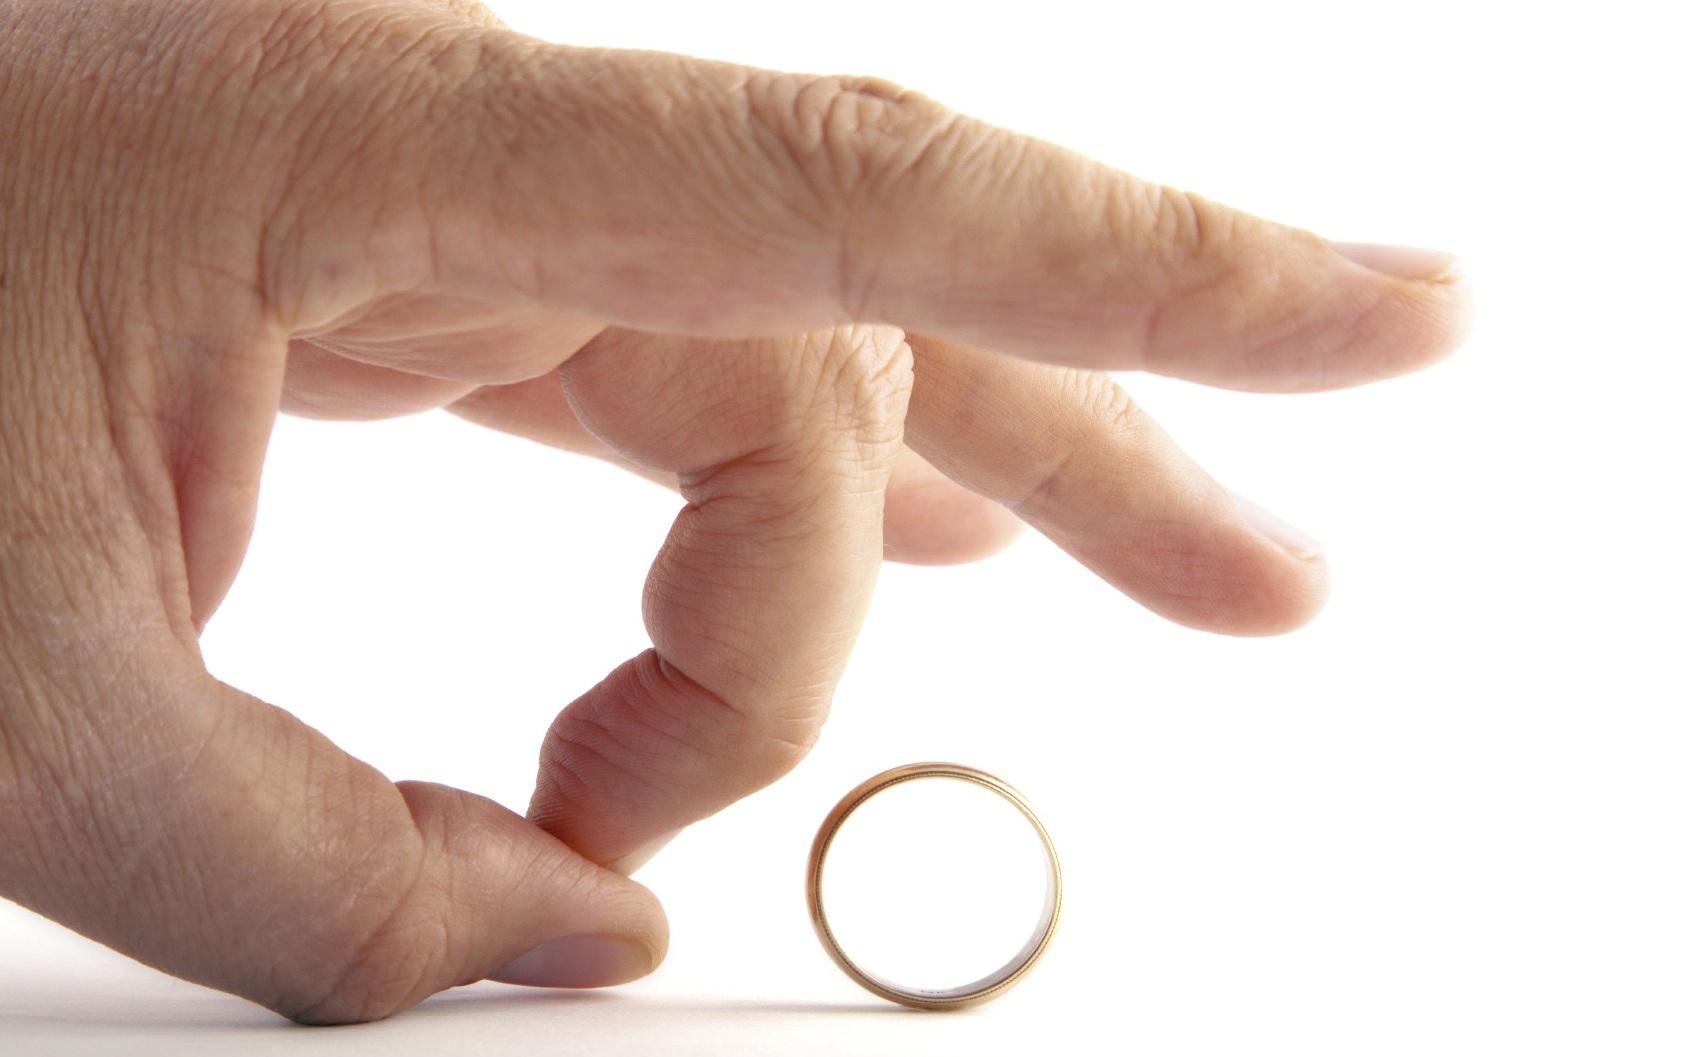 هفت راهکار برای بازیابی اعتماد به نفس پس از طلاق